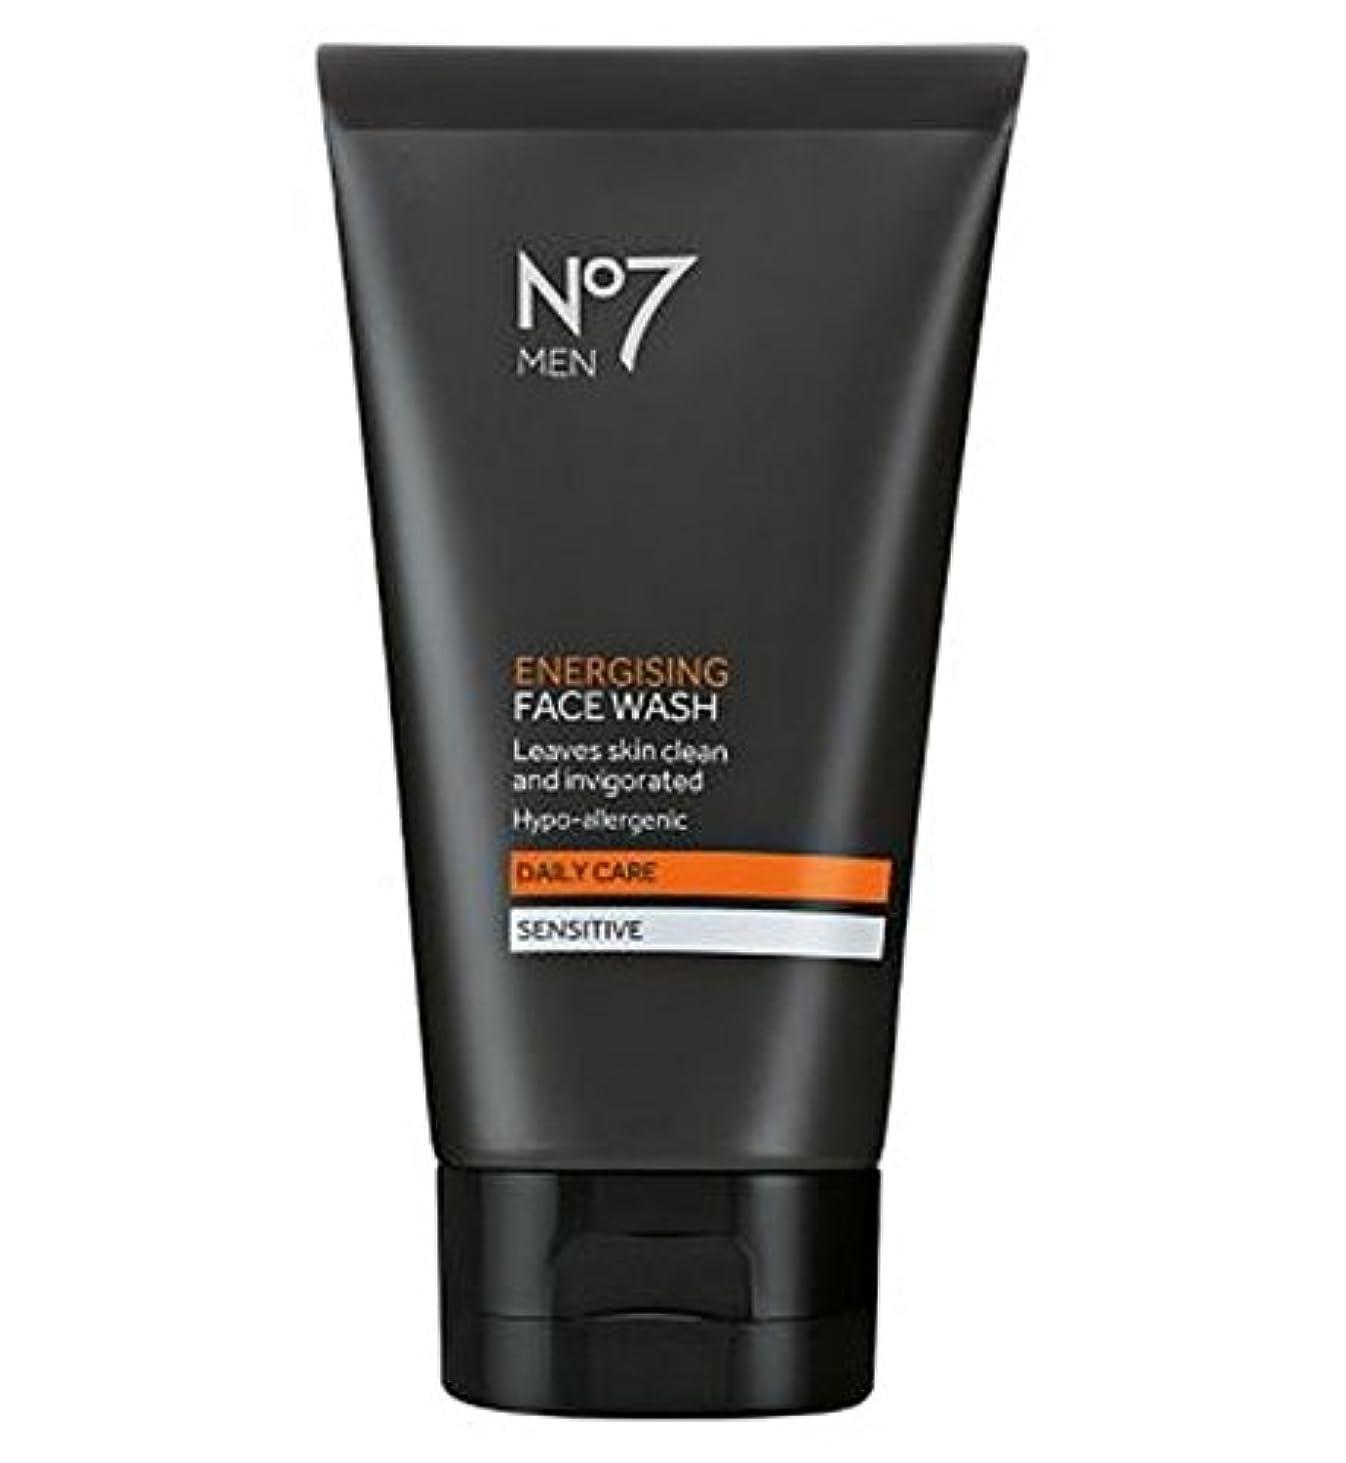 落花生ポゴスティックジャンプまもなく洗顔料の150ミリリットルを通電No7の男性 (No7) (x2) - No7 Men Energising Face Wash 150ml (Pack of 2) [並行輸入品]